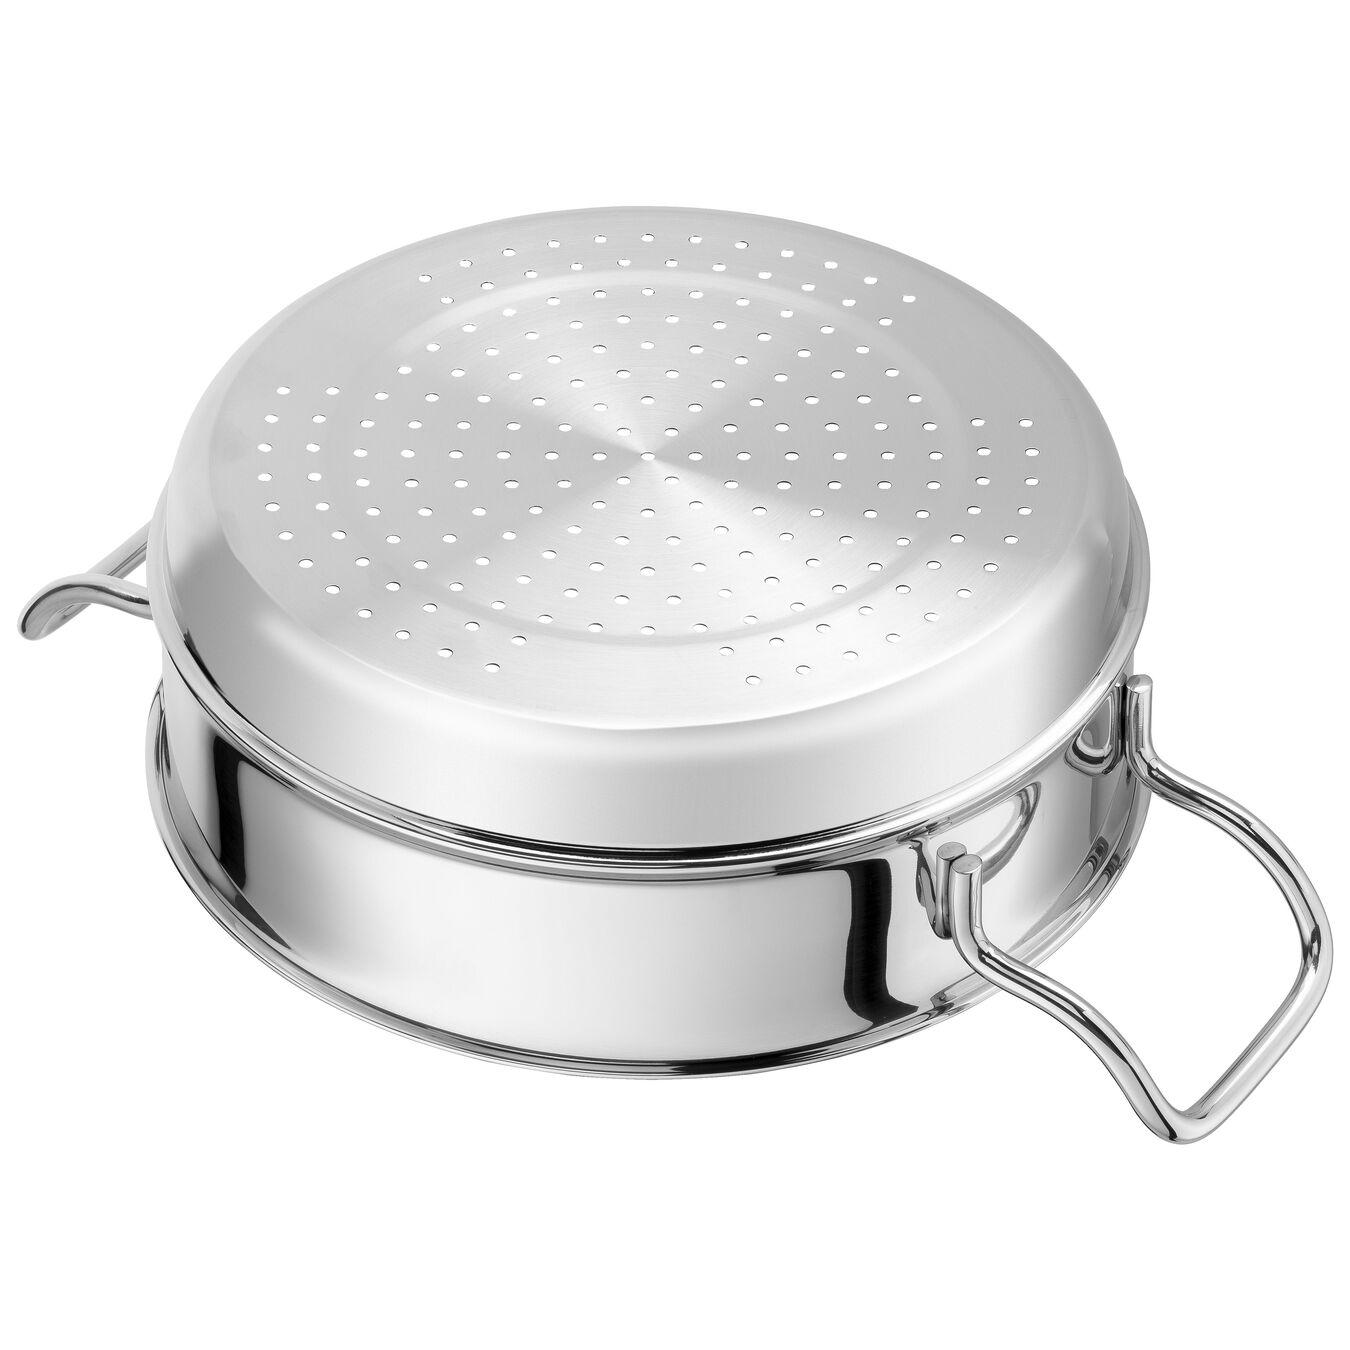 Buharda Pişirme Aparatı, Yuvarlak | 24 cm | 18/10 Paslanmaz Çelik | Metalik Gri,,large 4